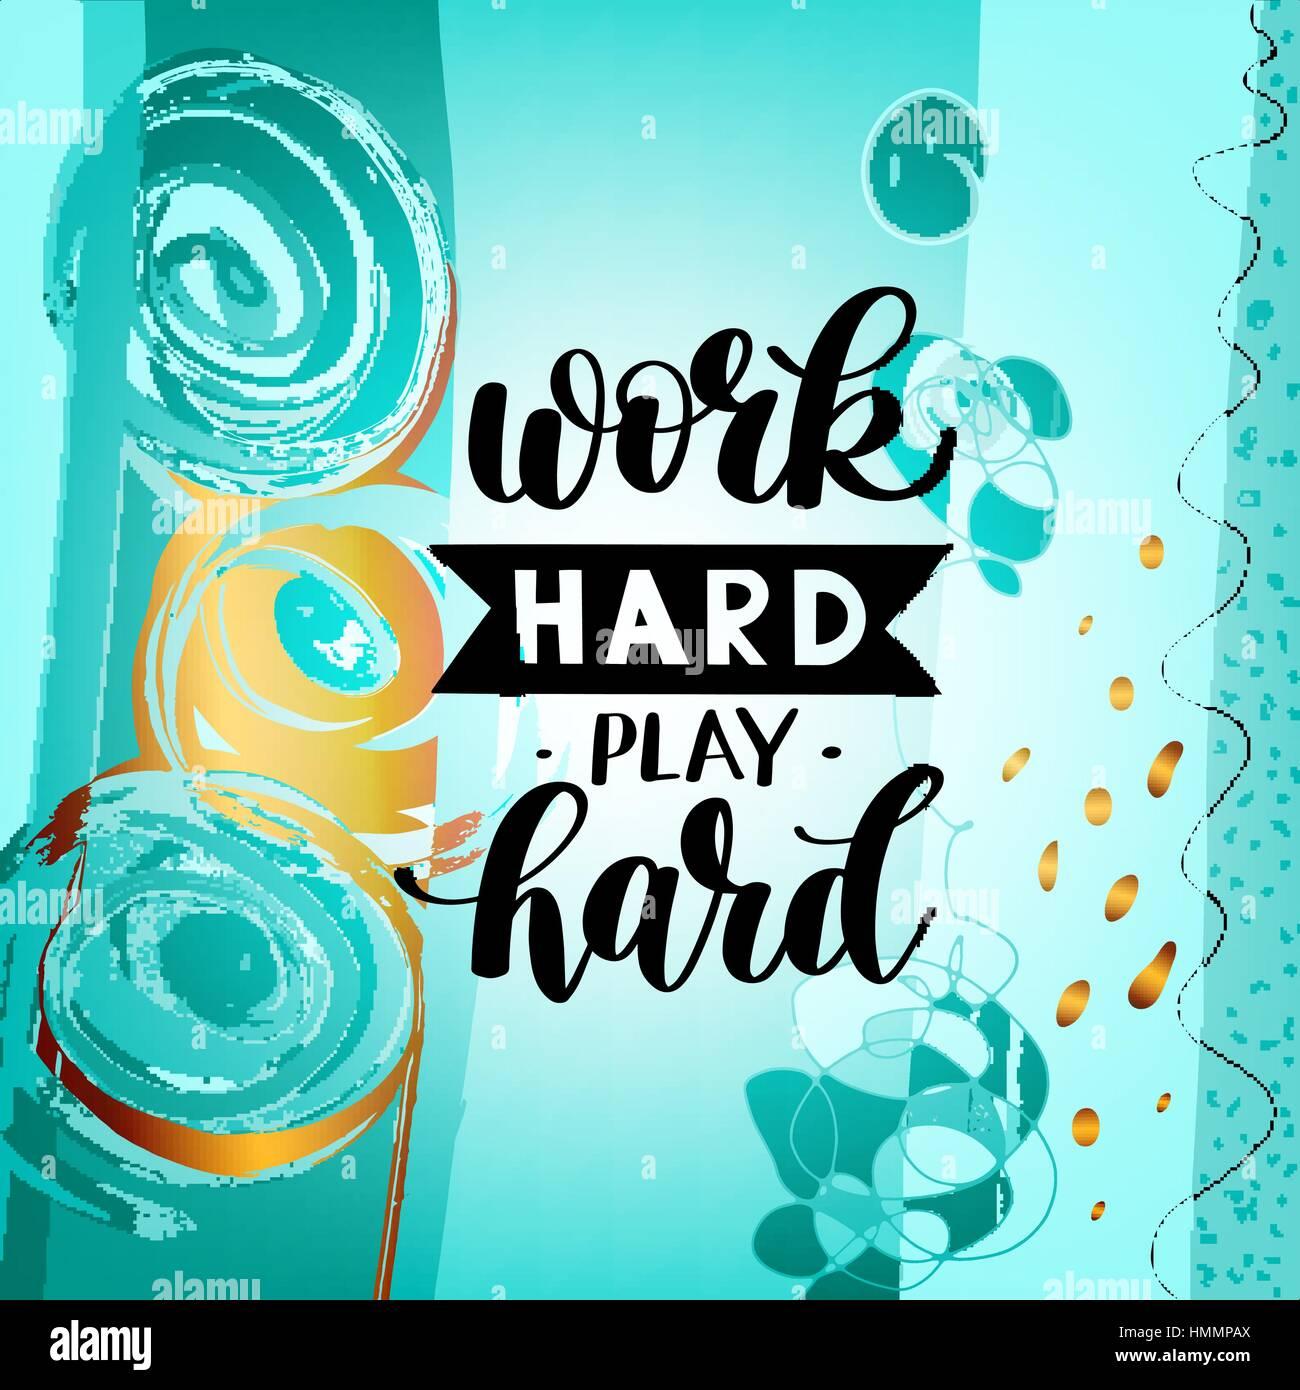 Trabajar Duro Jugar Duro Quote Motivacionales Letras